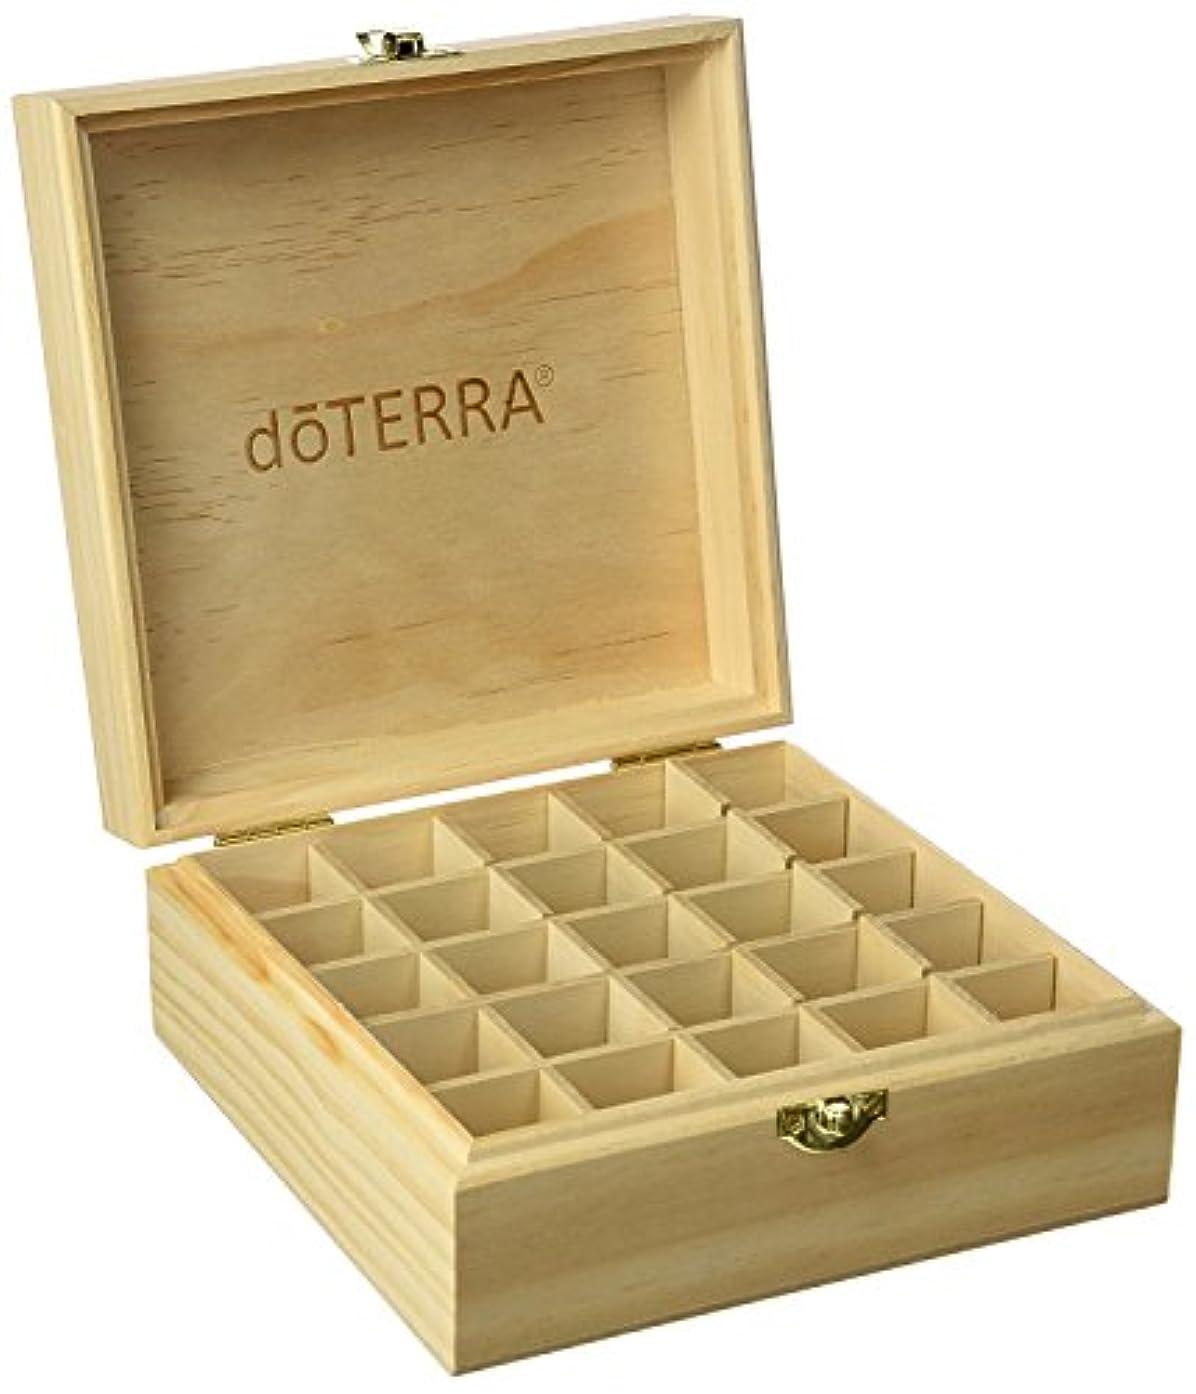 クッション気付くバウンスエッセンシャルオイル収納ボックス25本用 エッセンシャルオイルボックス 20 mlのボトルを15 mlのための25のブロックによって木製のキャビネット